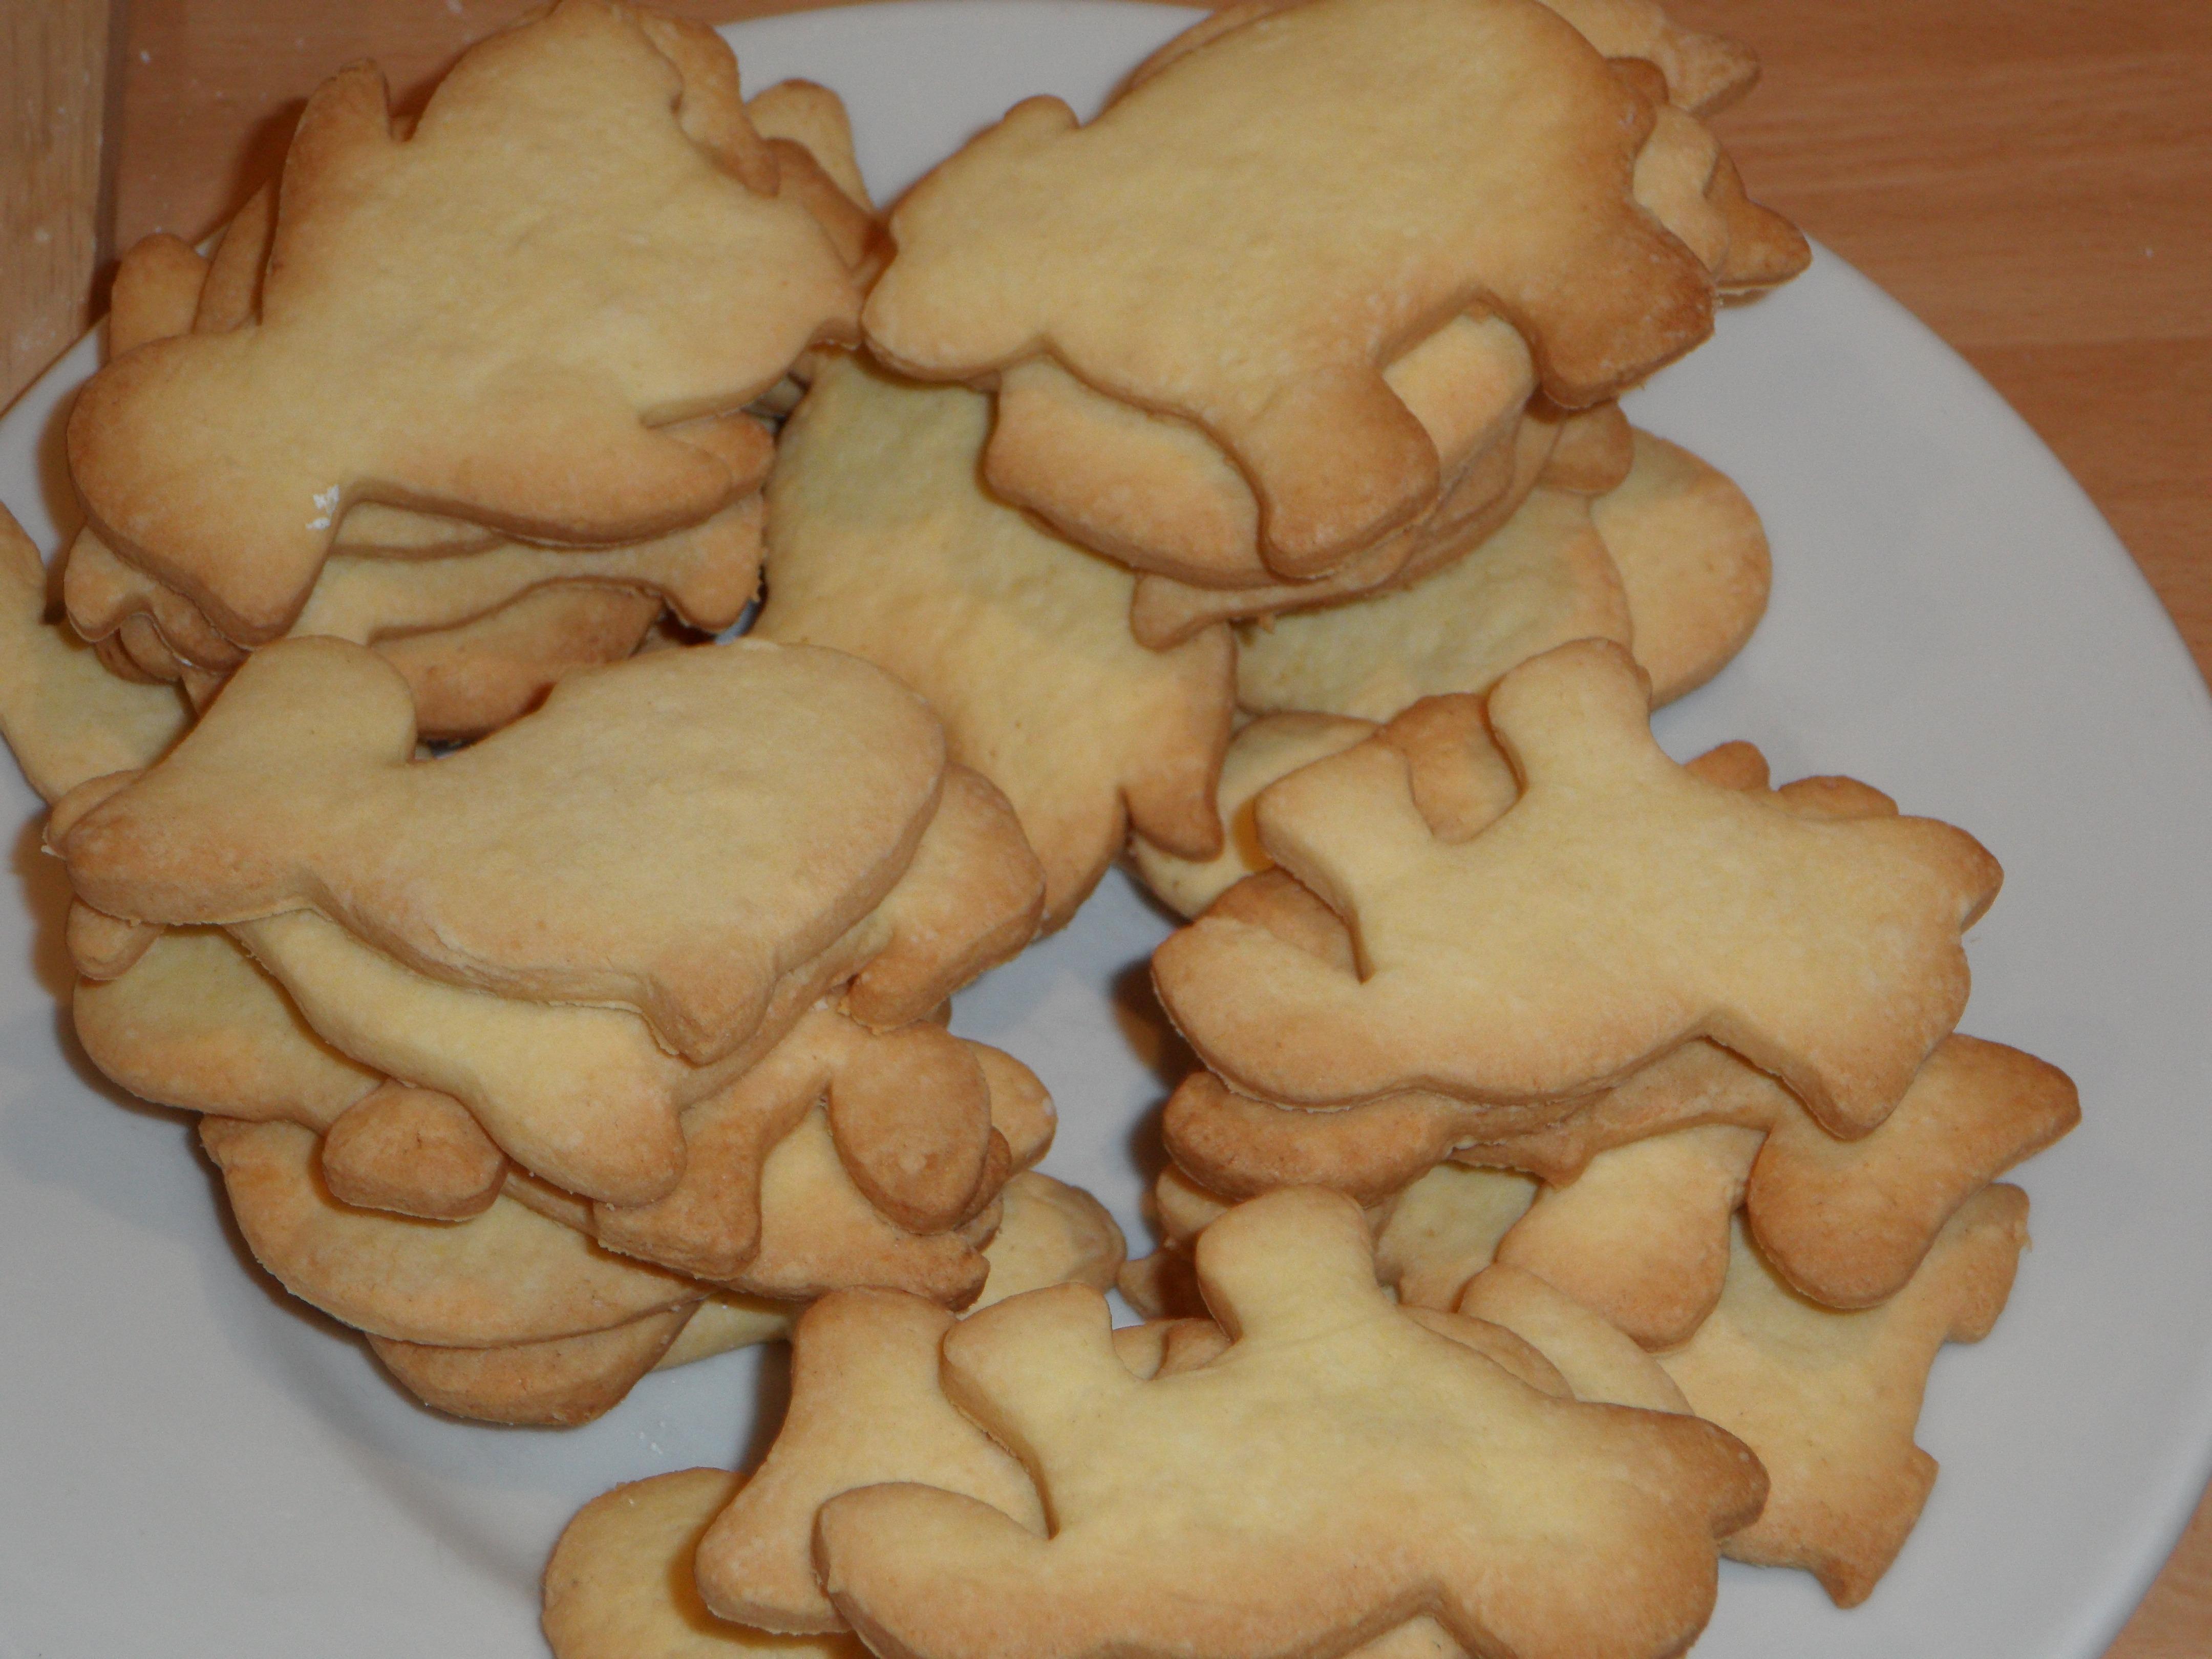 Weihnachtsplätzchen Glasur.Kostenlose Foto Gericht Lebensmittel Backen Keks Plätzchen